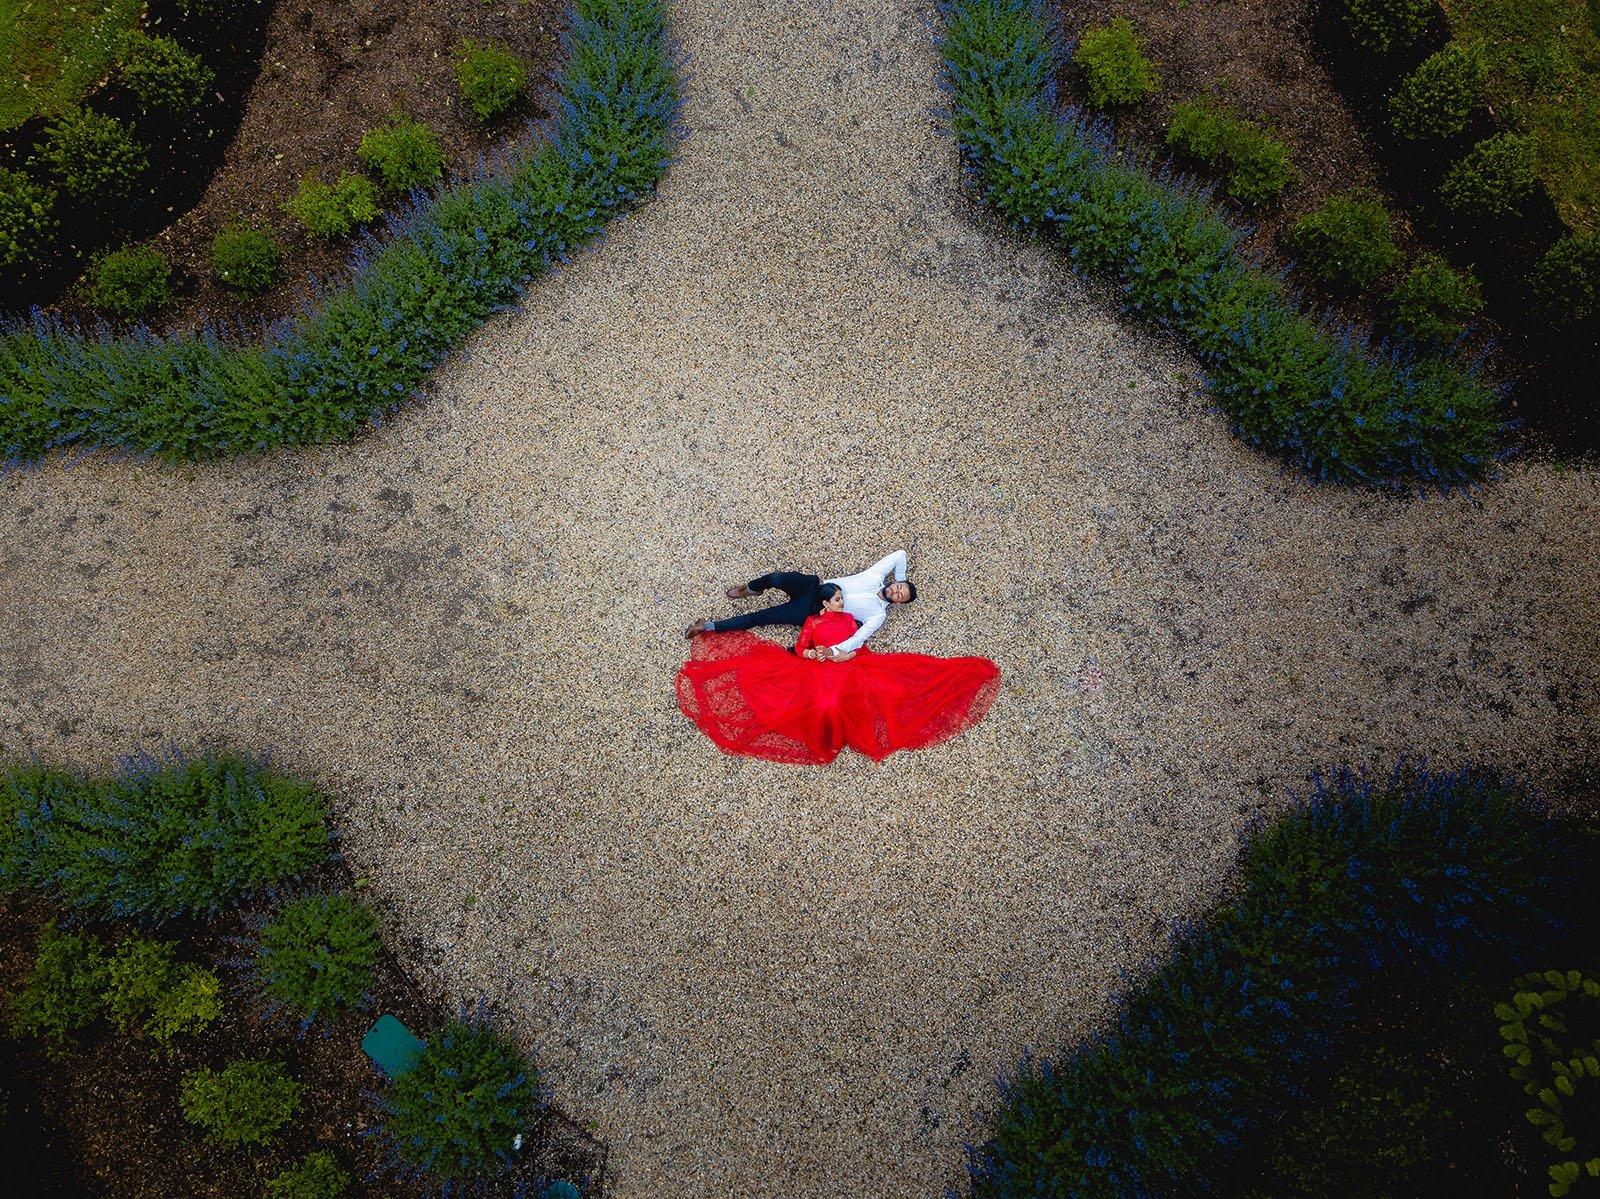 Planting-Fields-Arboretum-Engagement-Photos ENGAGEMENTS